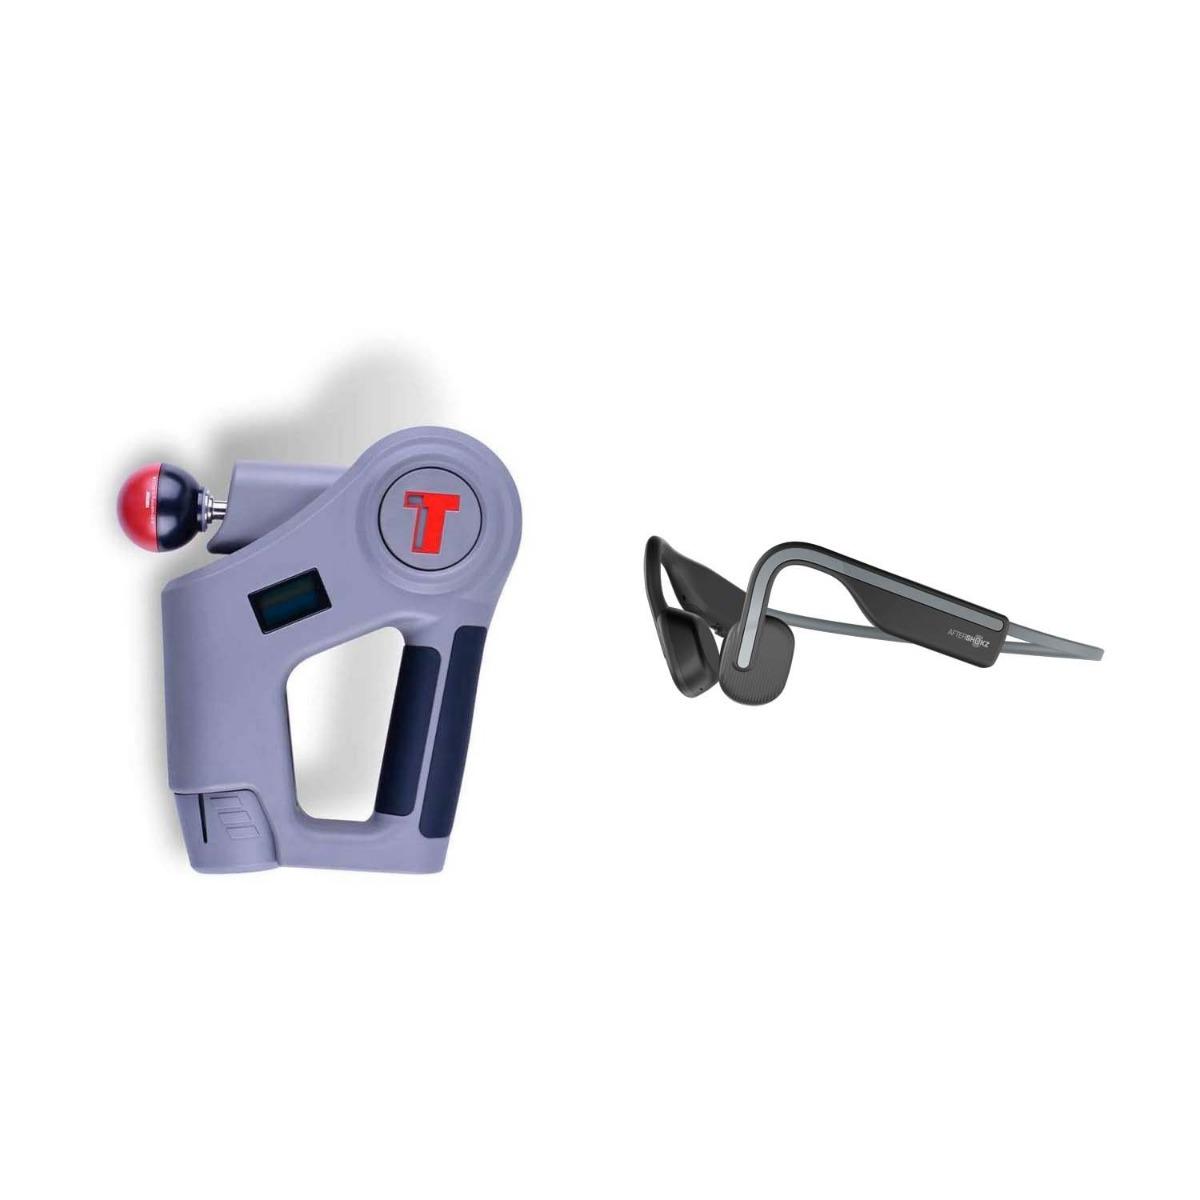 Комплект - Перкуссионный мышечный массажер TimTam Pro Power Massager + Aftershokz. Беспроводные наушники OpenMove, цвет Slate Grey